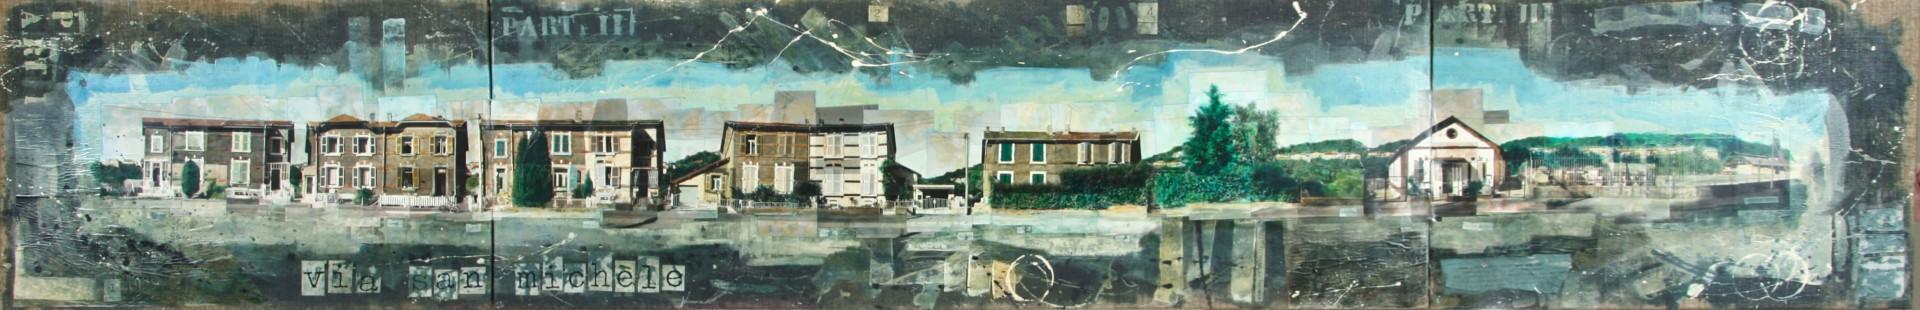 Via San Michele - Audun-le-Tiche (F) - collage photo, huile, acrylique sur toile - 60 x 380 cm - 1994